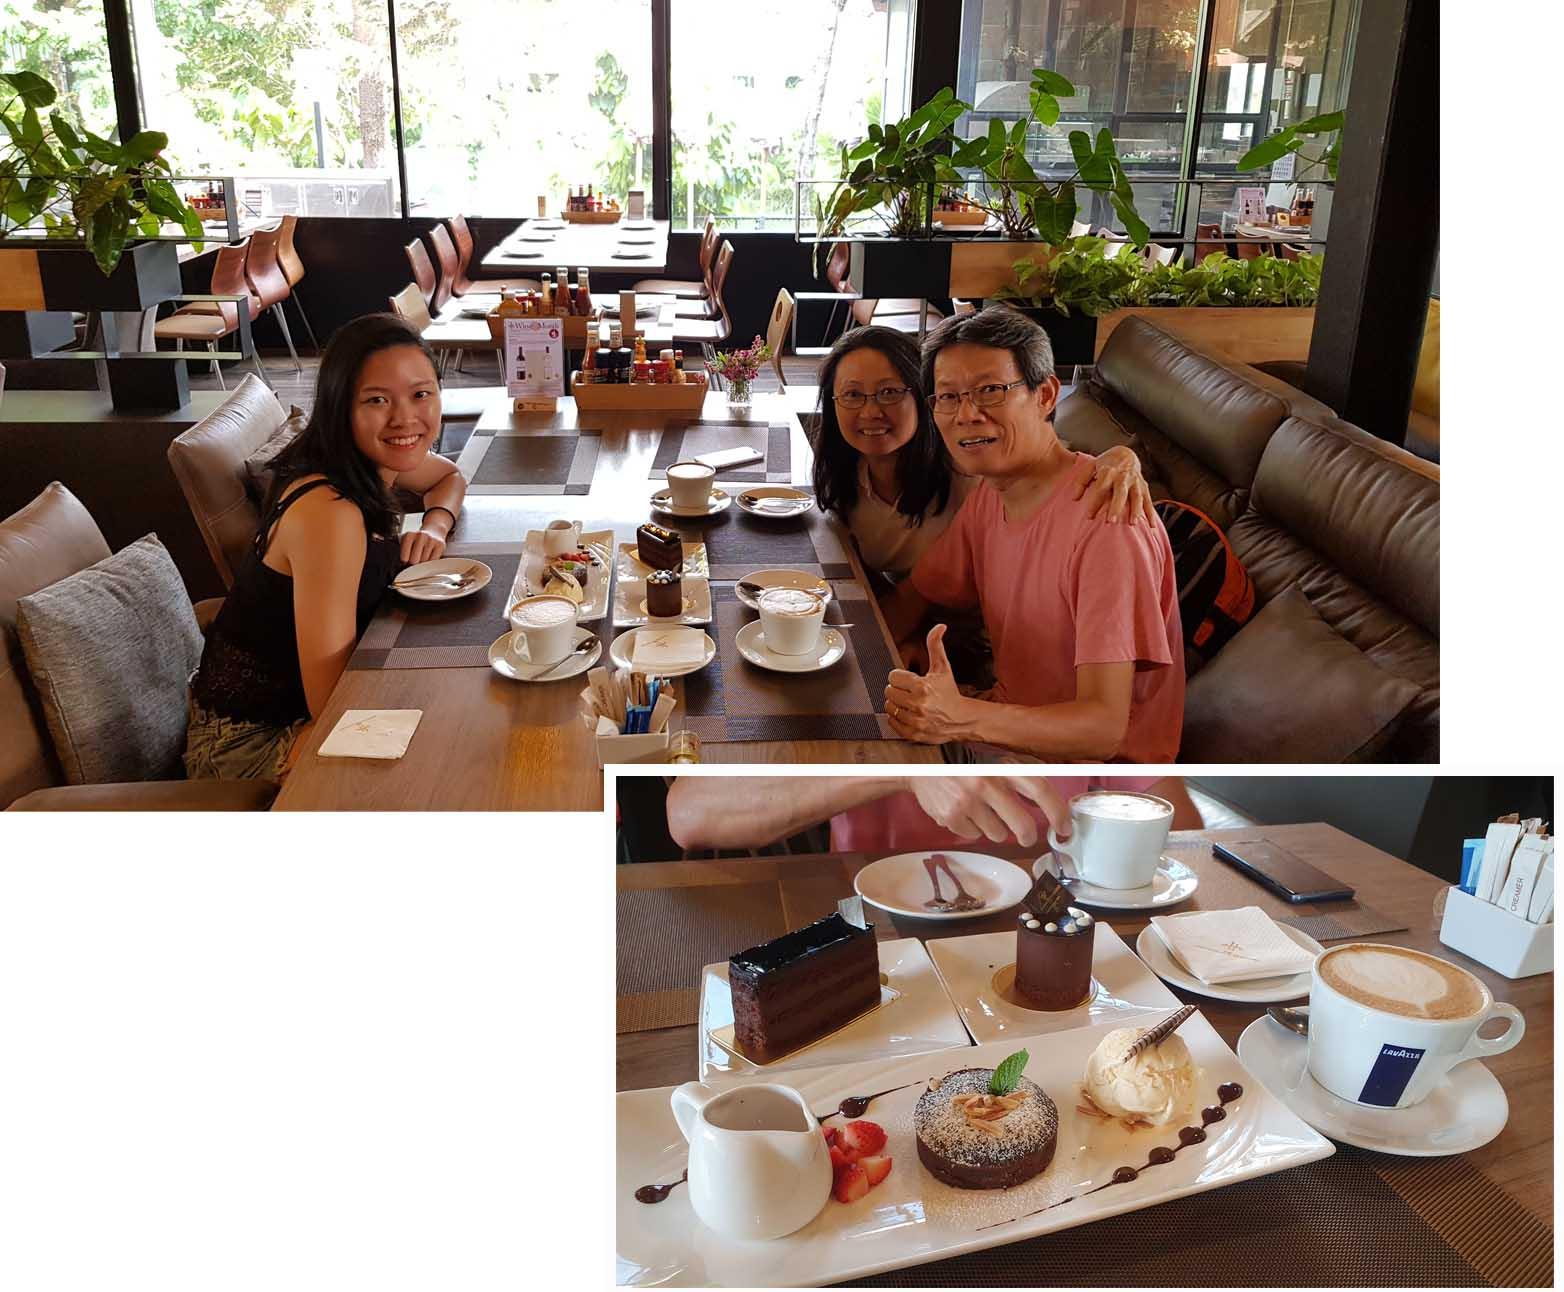 Coffee break at Khaoyai Chocolate Factory